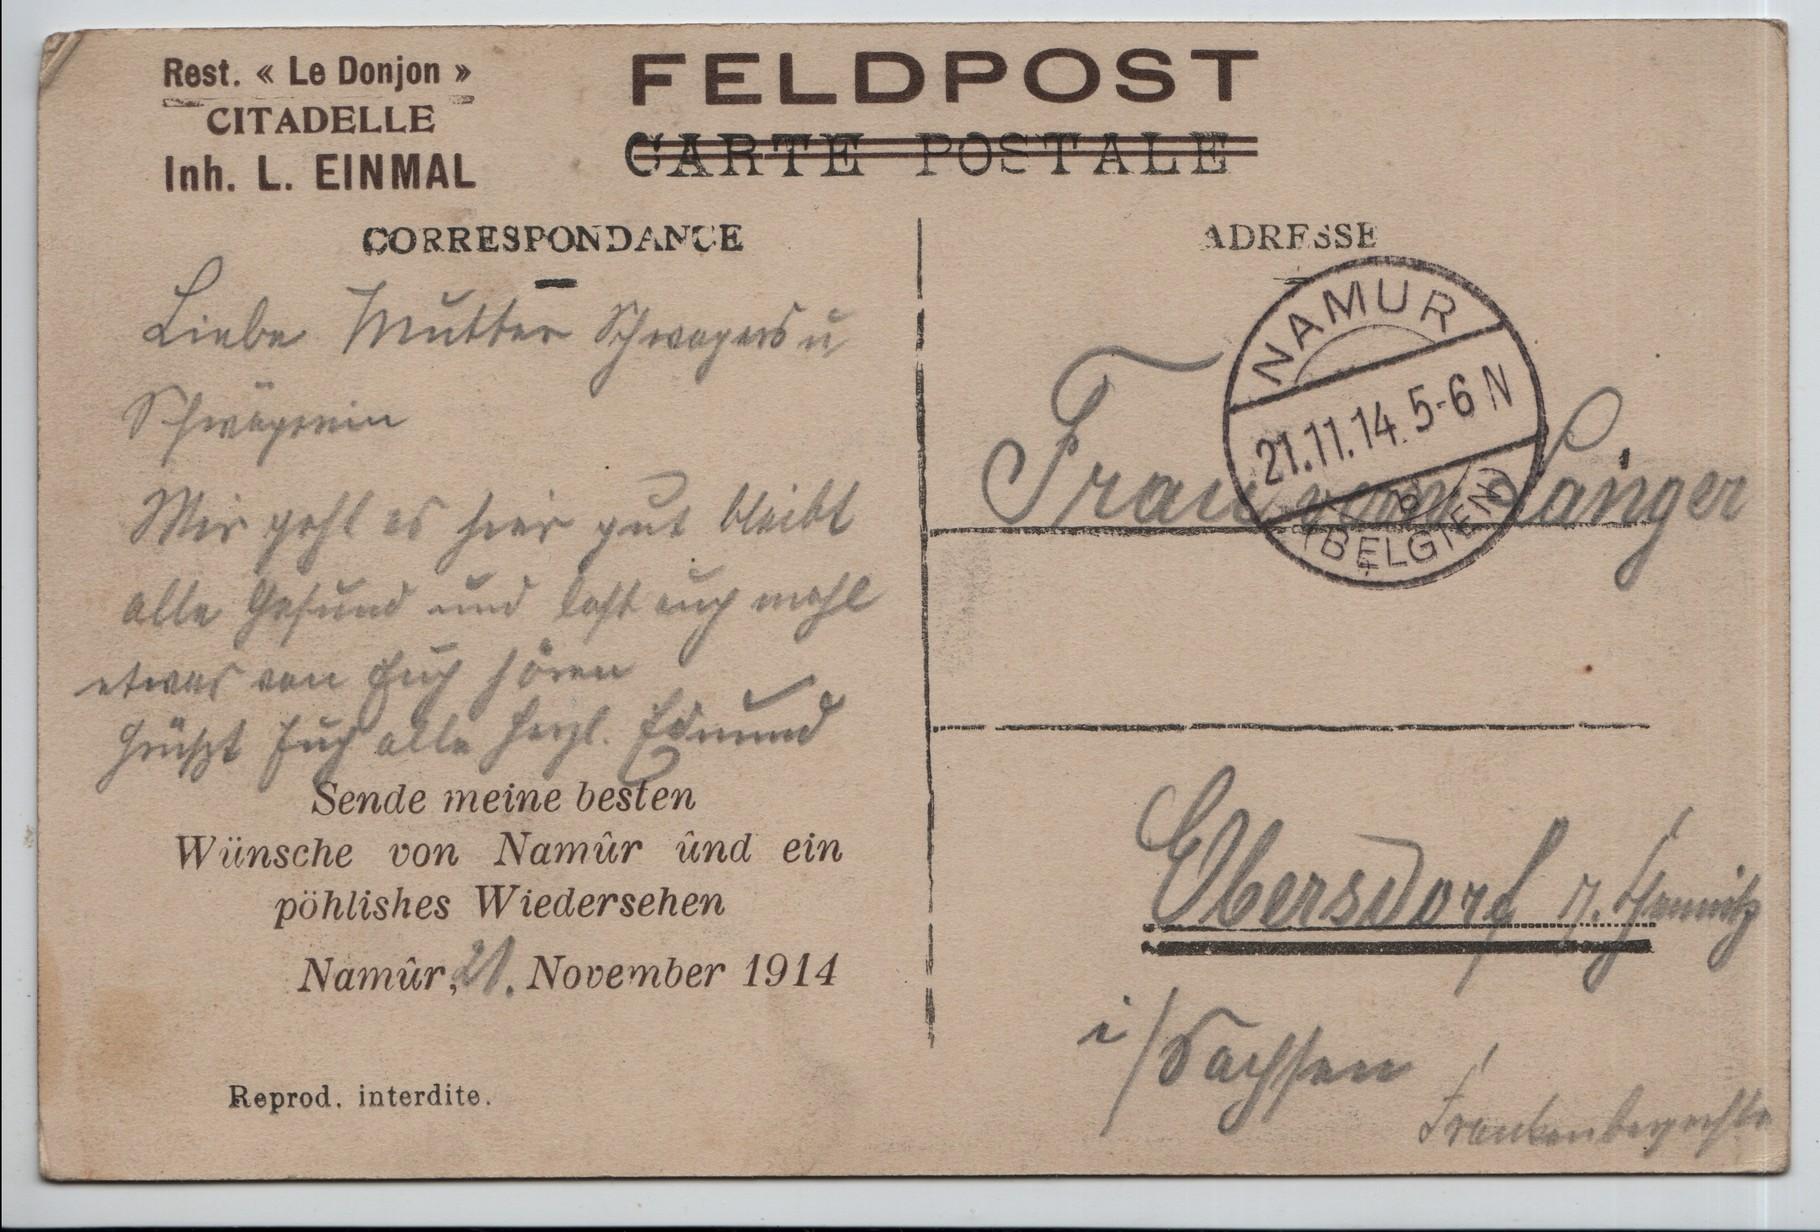 18. 21st Nov 1914